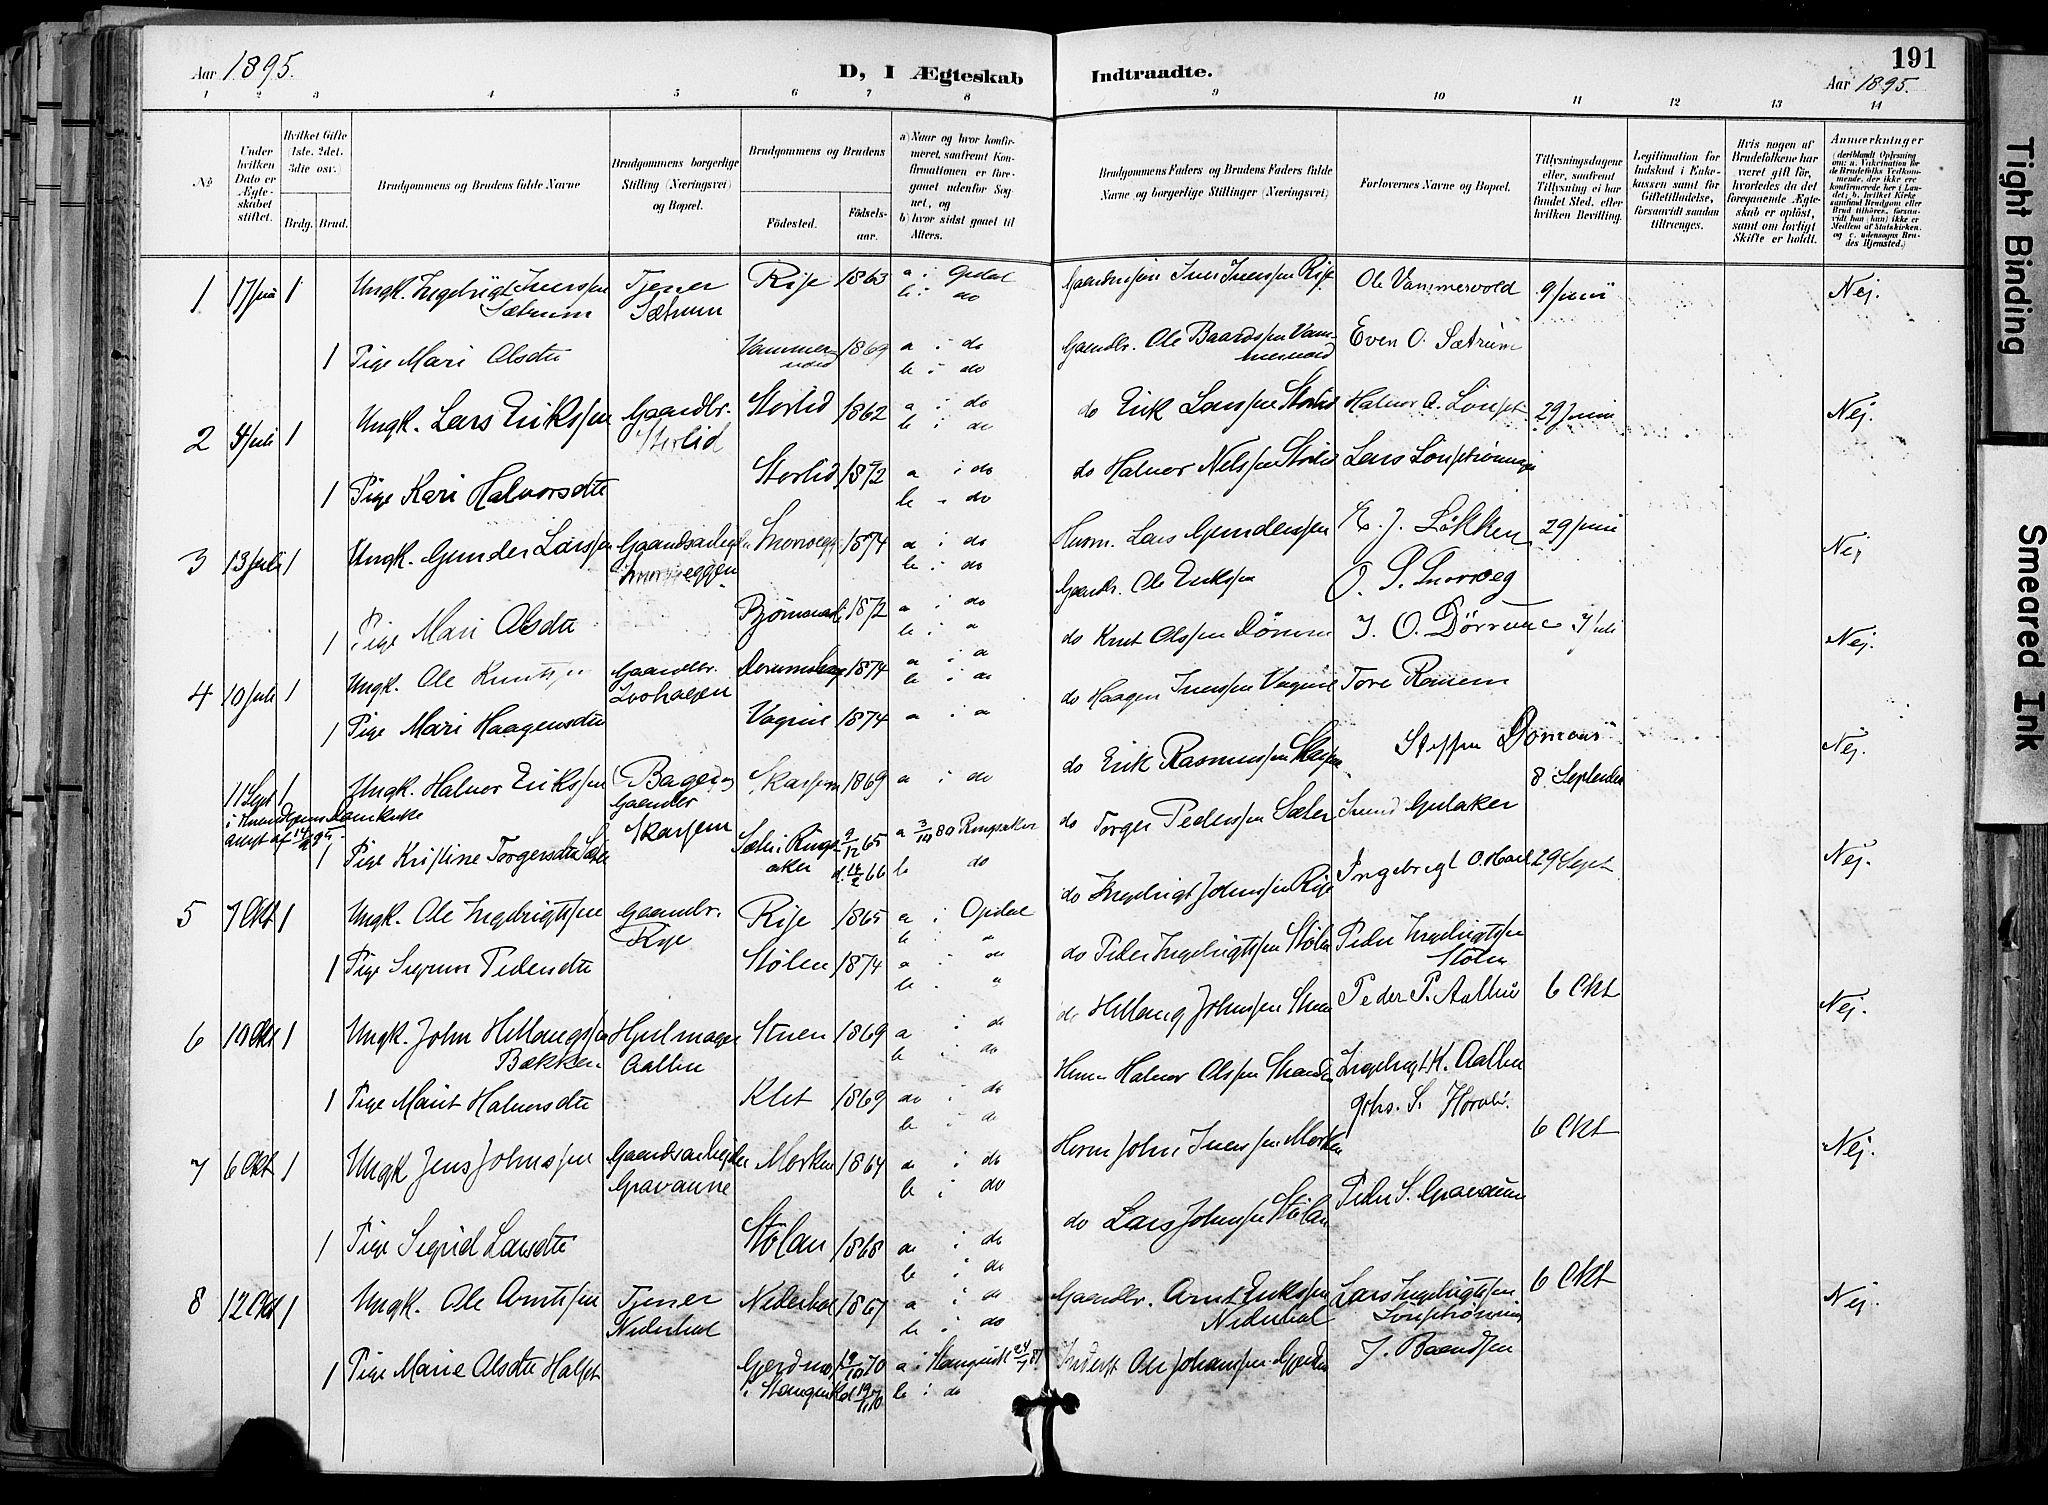 SAT, Ministerialprotokoller, klokkerbøker og fødselsregistre - Sør-Trøndelag, 678/L0902: Ministerialbok nr. 678A11, 1895-1911, s. 191